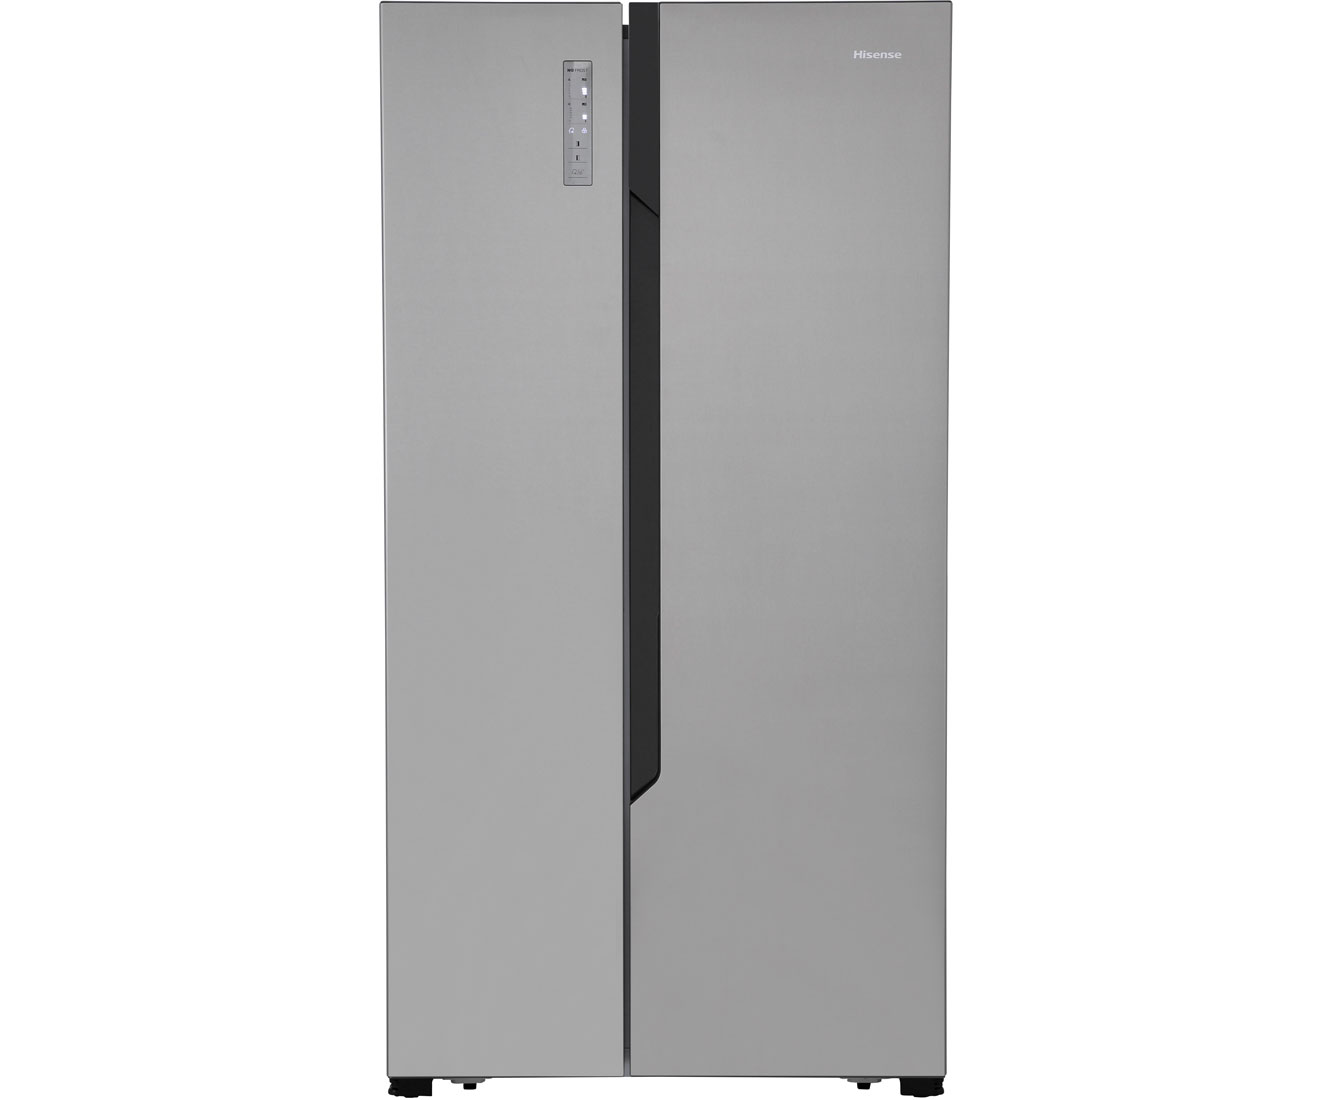 Otto Kühlschrank Bosch : Kühlschrank no frost a preisvergleich u die besten angebote online